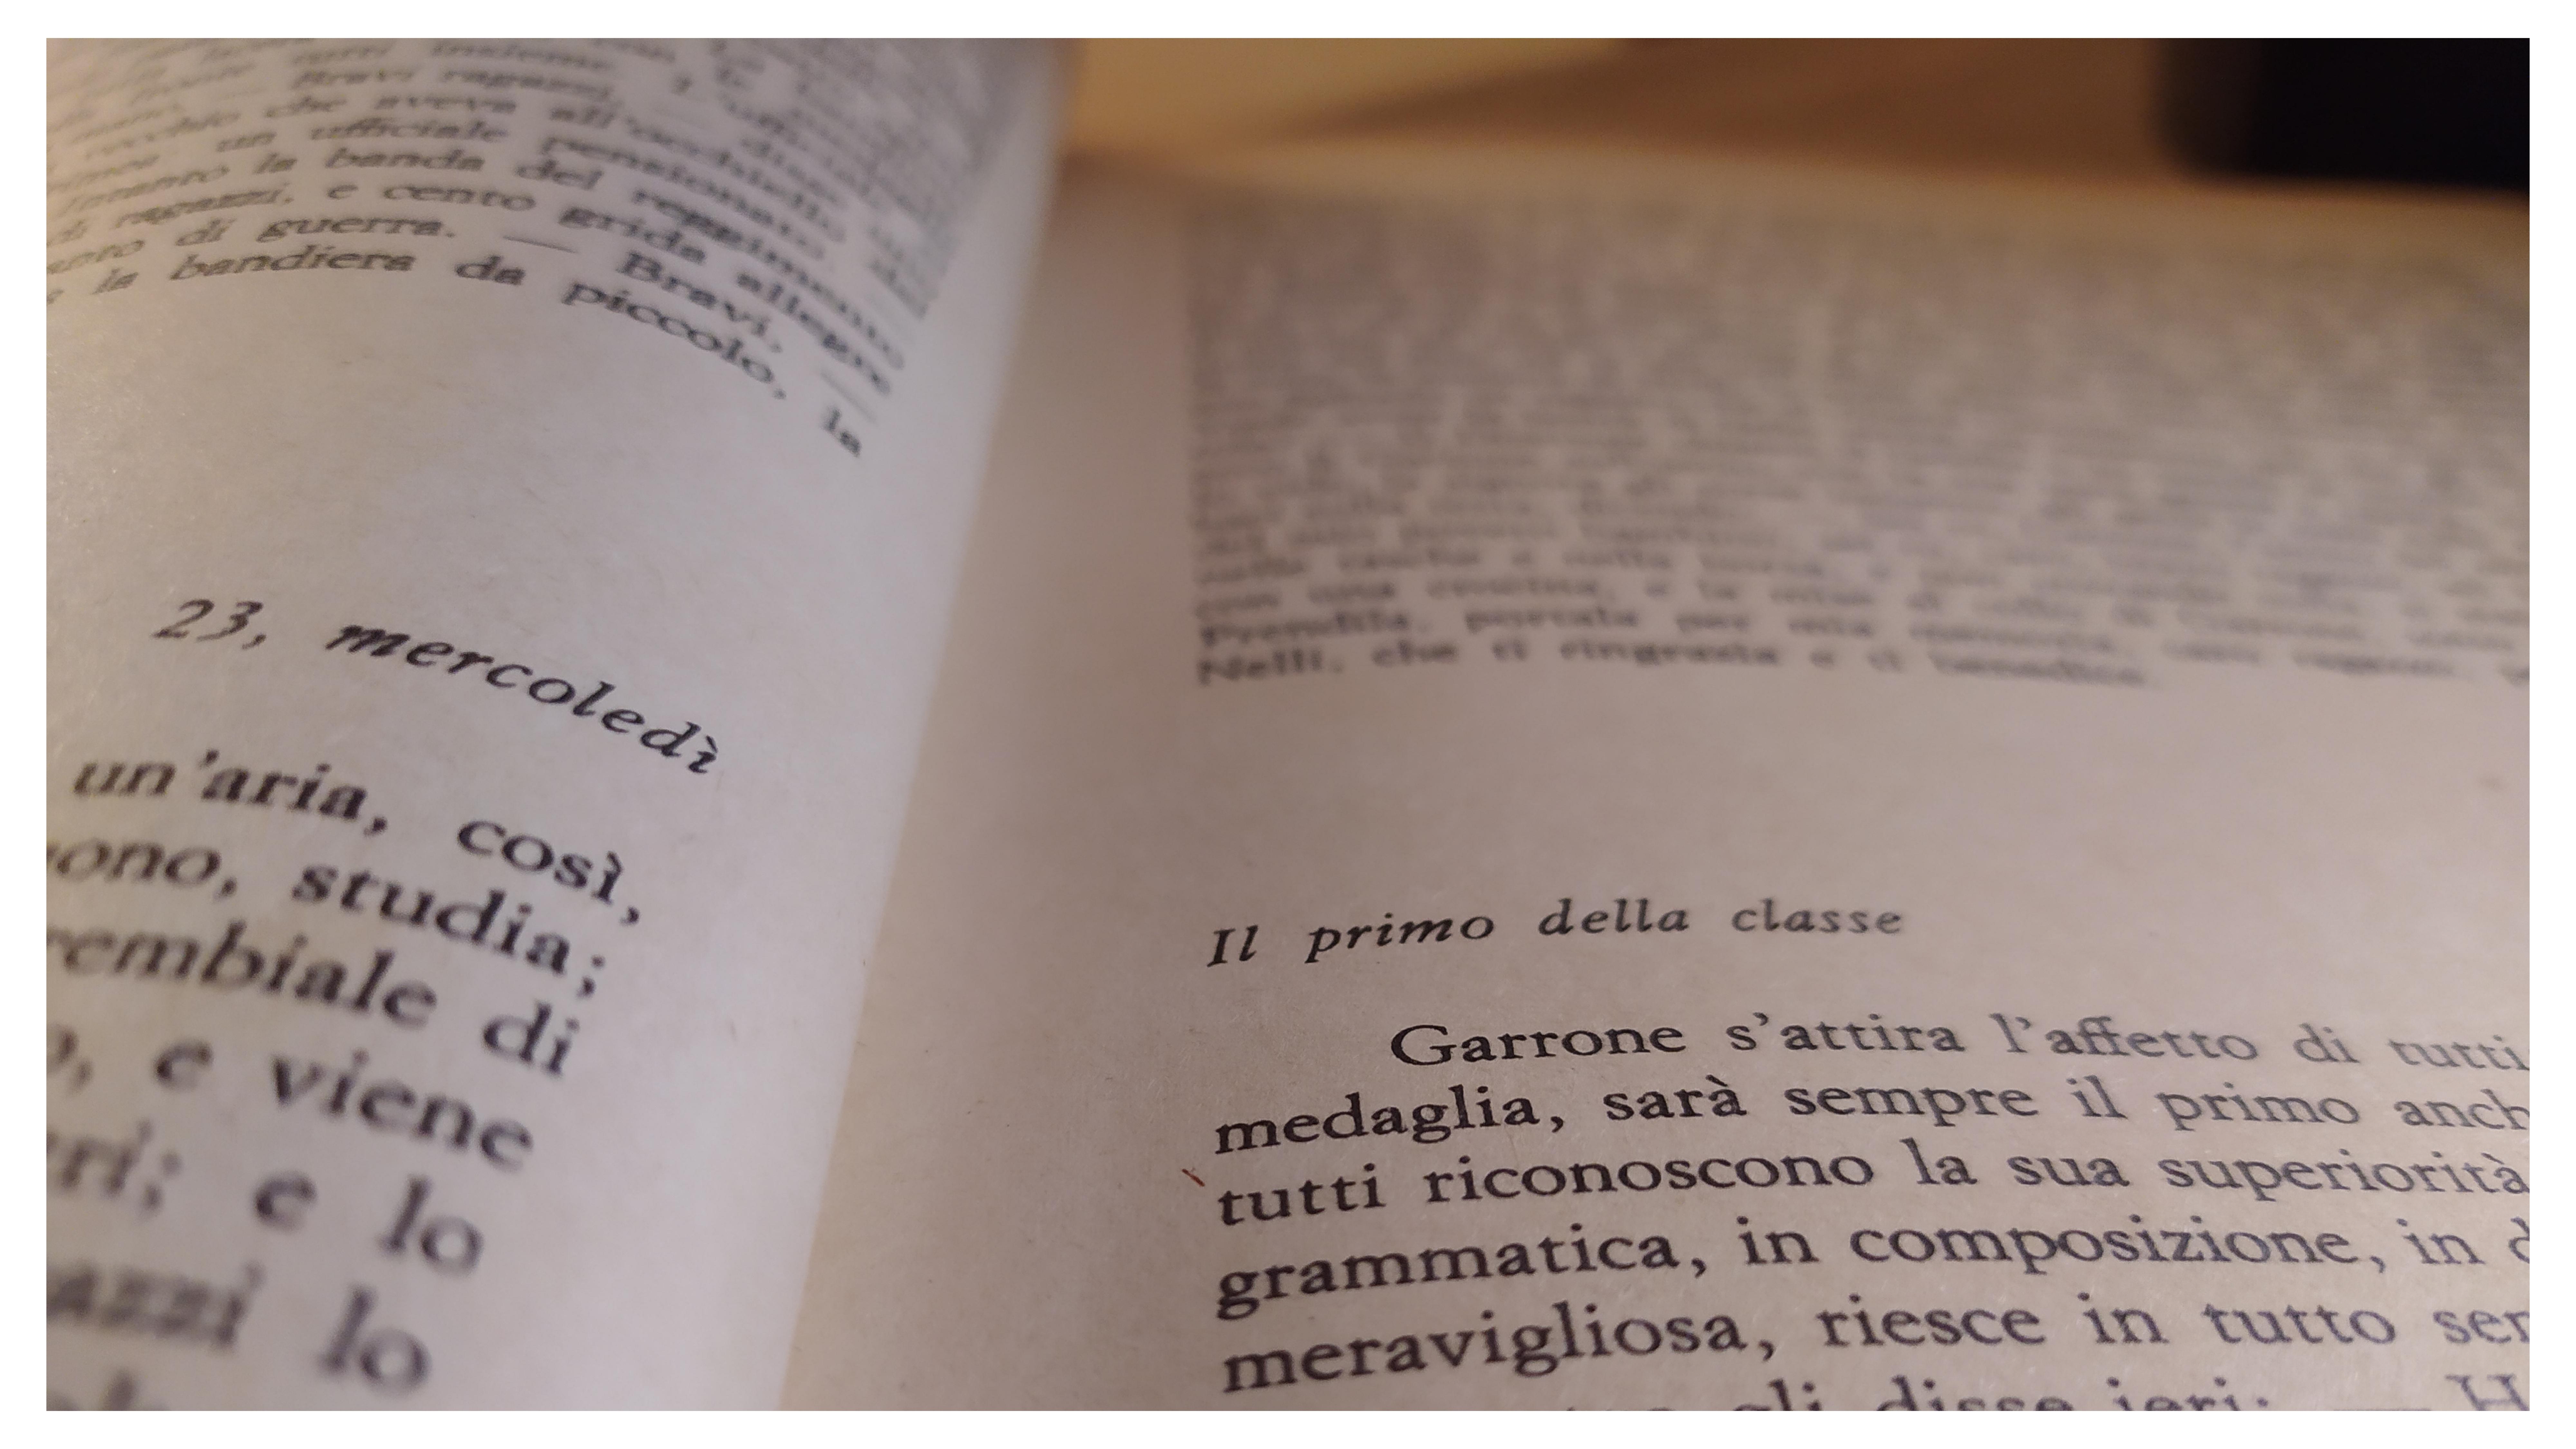 Libro Cuore festeggia 134 anni. Buon compleanno!